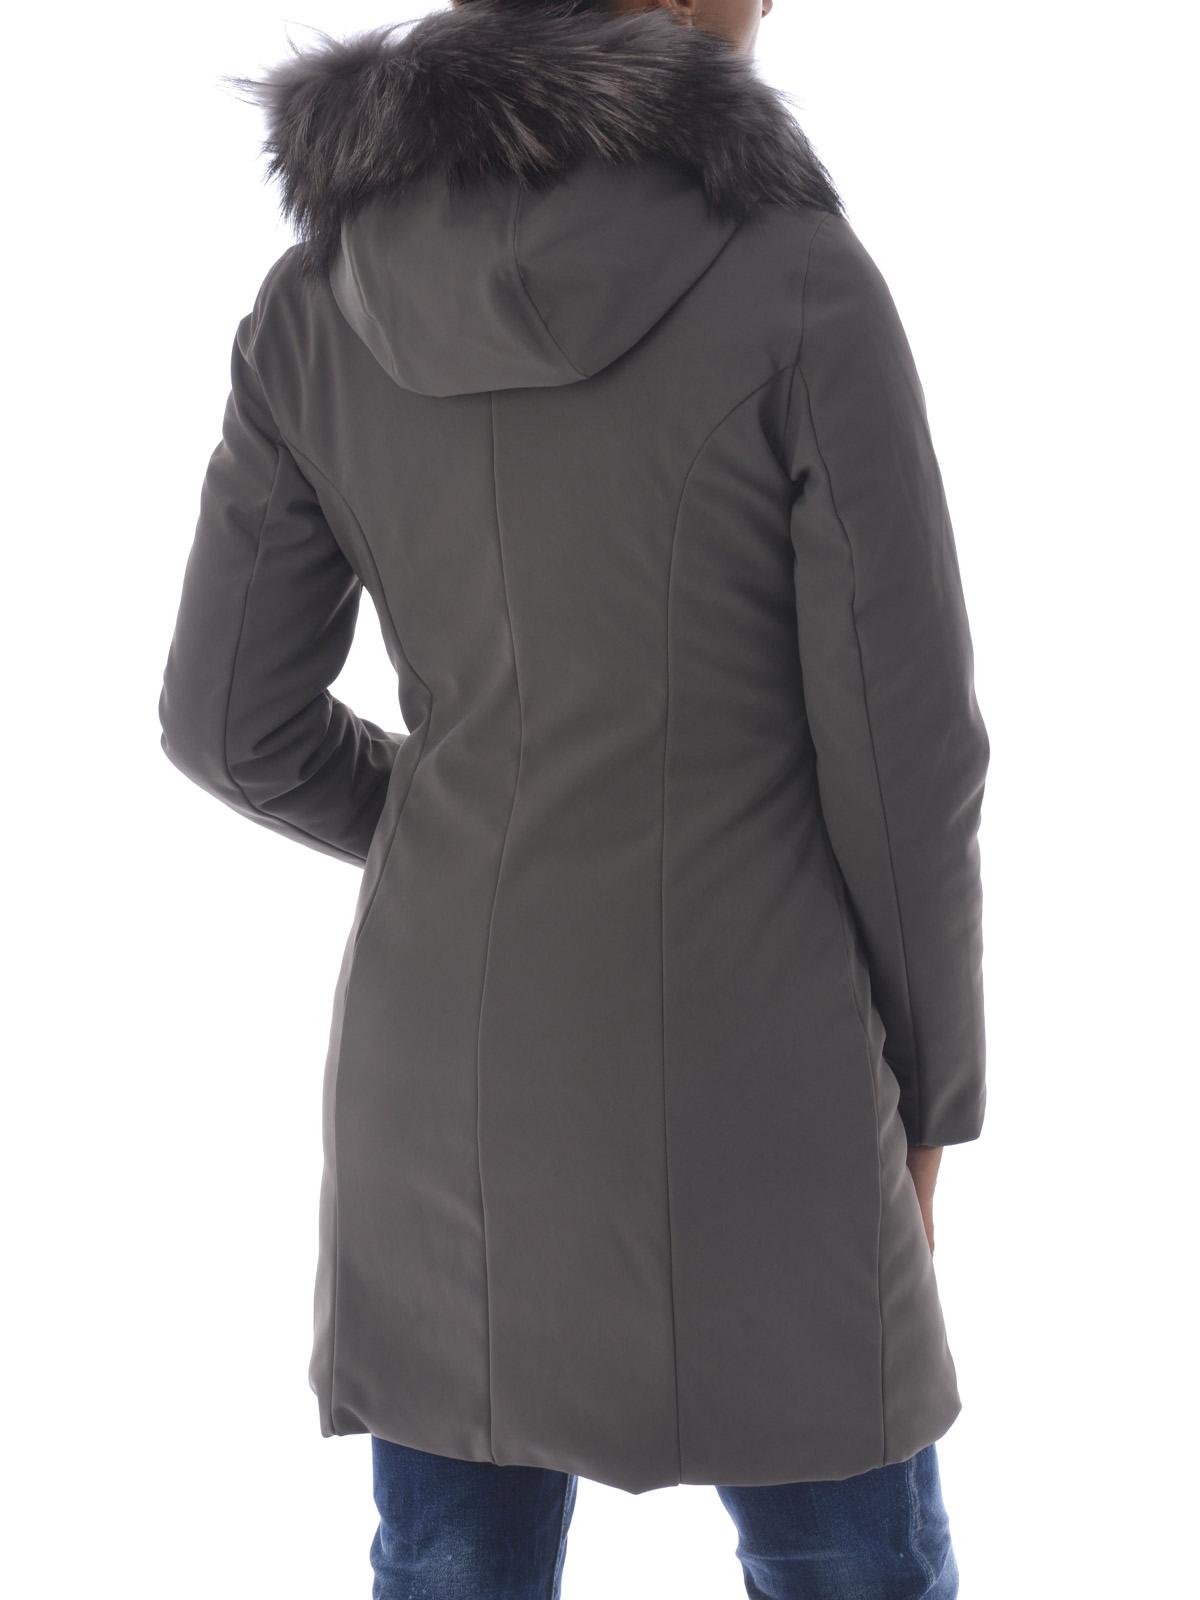 W17501F80 Winter Manteaux Gris Fur Long Lady rembourrés RRD x0XwqdaO0